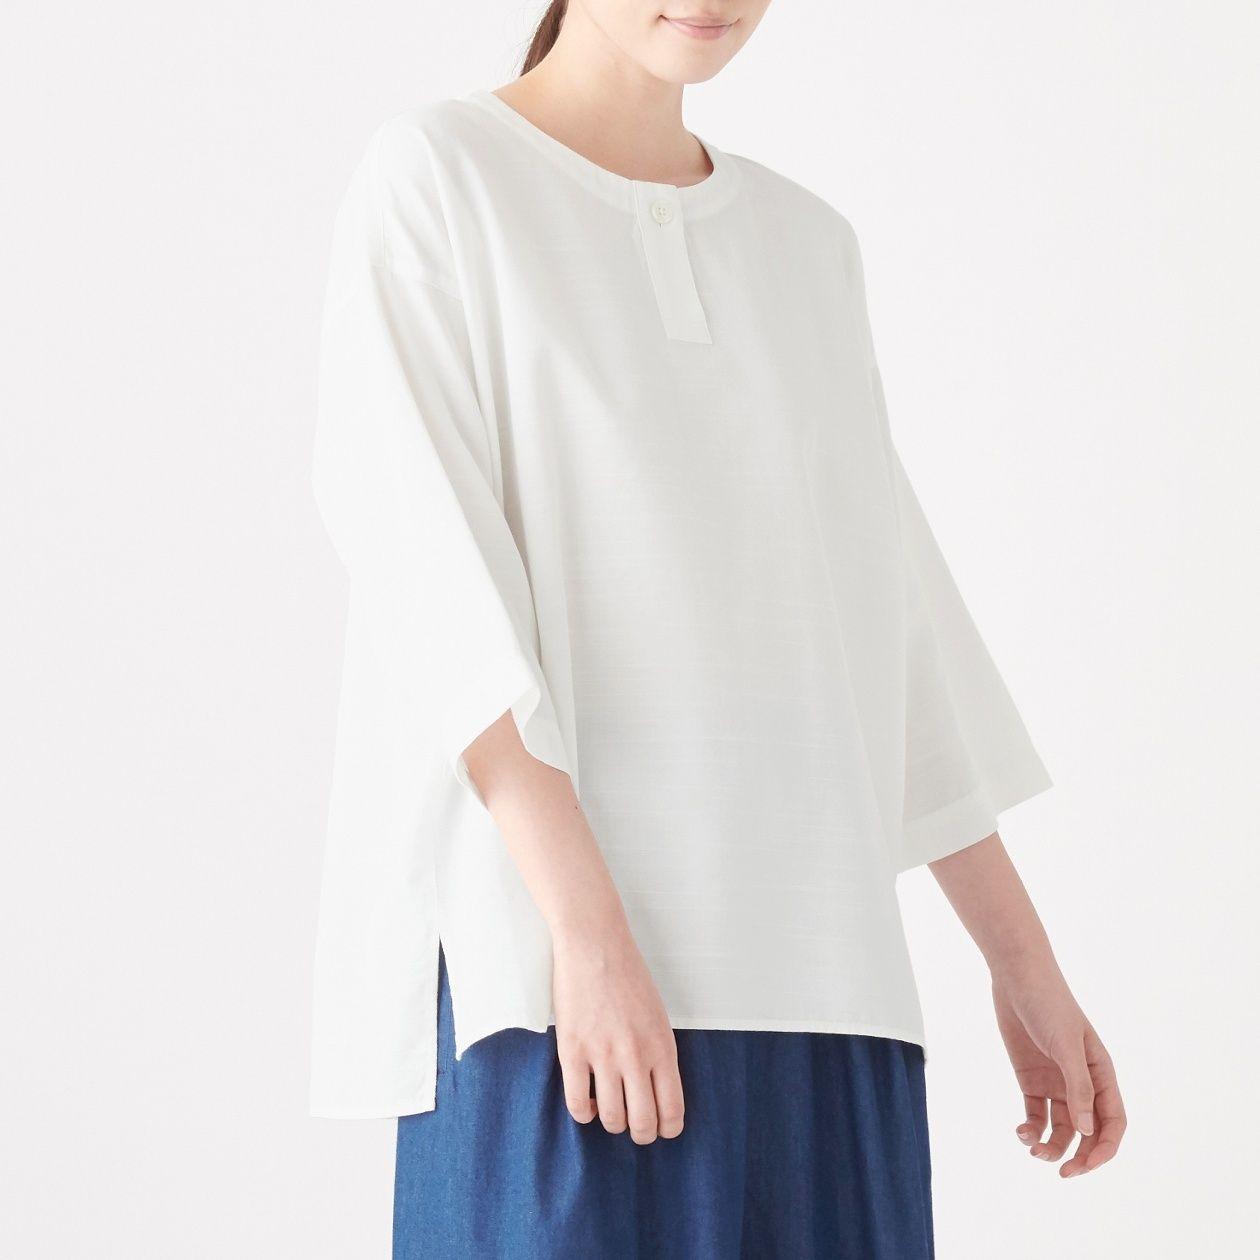 [무인양품] 면 100% 풀오버 블라우스 ONE SIZE・오프화이트 MUJI 일본 공식스토어